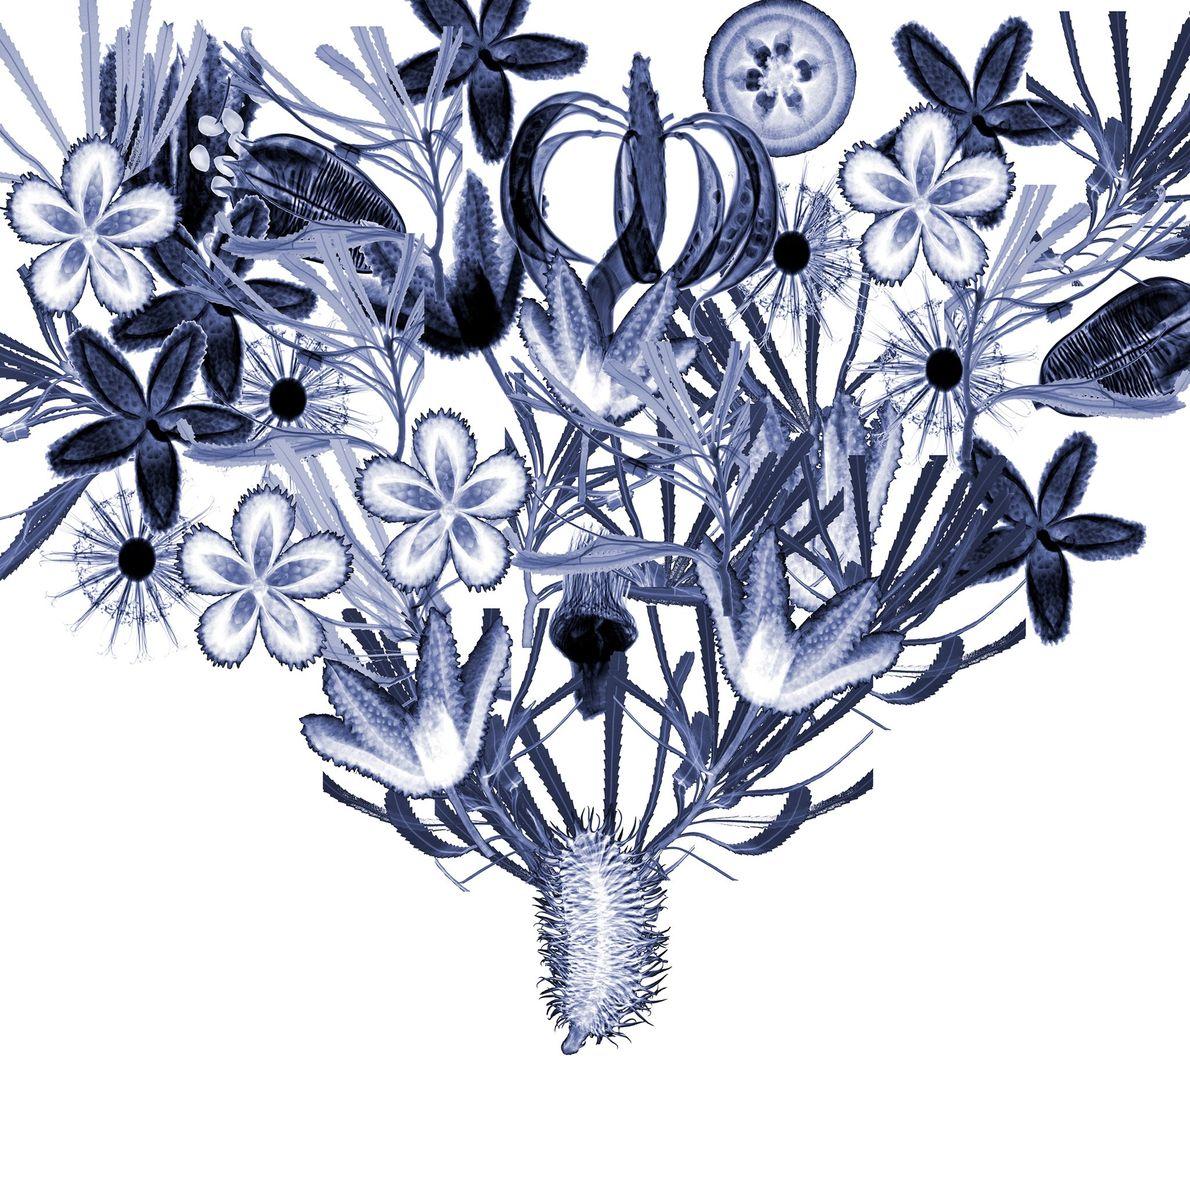 Ce collage de radiographies par rayons X montre une variété de plantes exclusivement visibles en Australie, ...